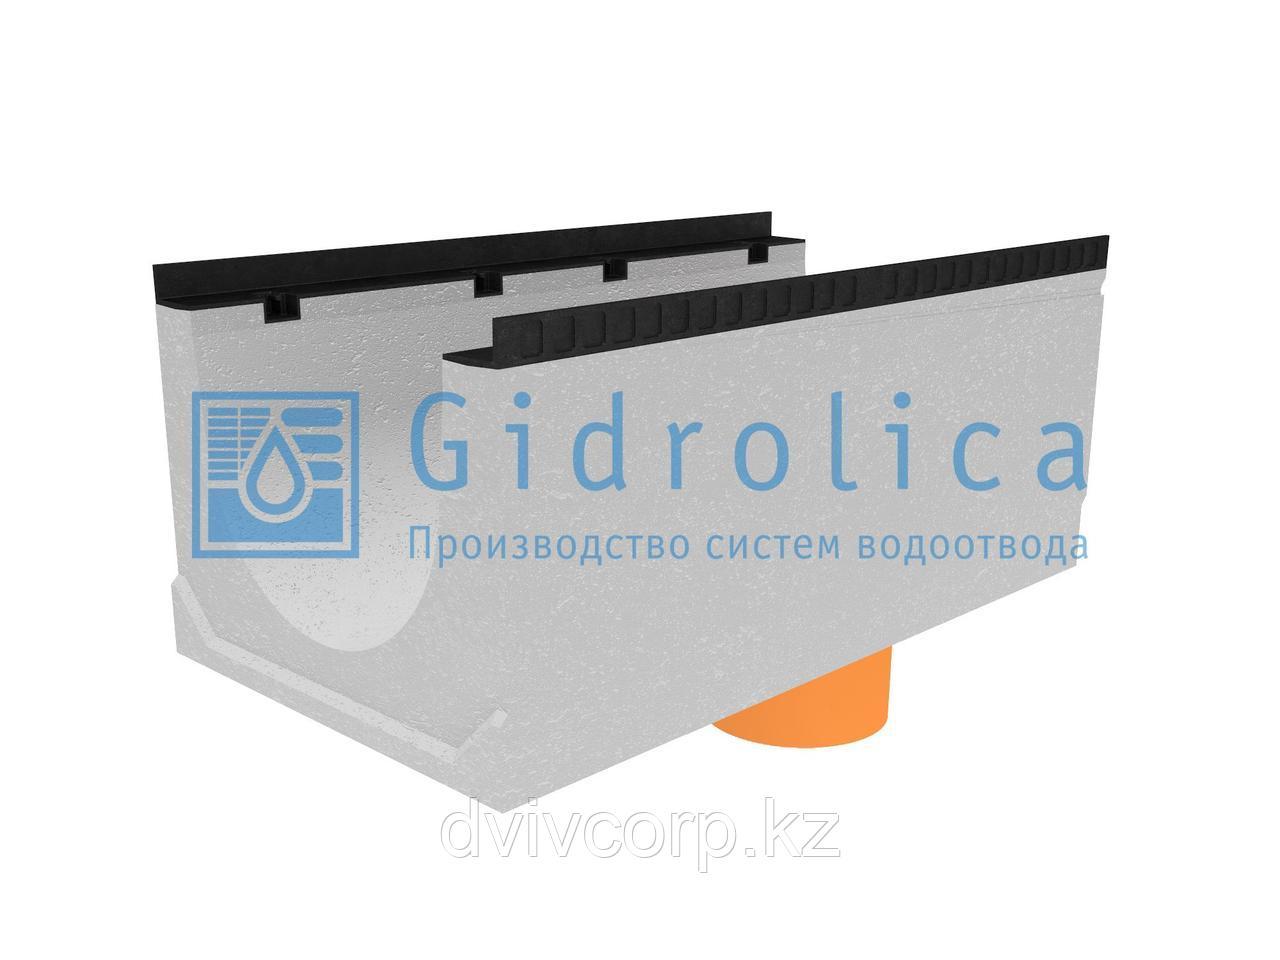 Лоток водоотводный бетонный коробчатый (СО-400мм), с водосливом КUв 100.54(40).42,5(34,5) - BGМ, № -5-0